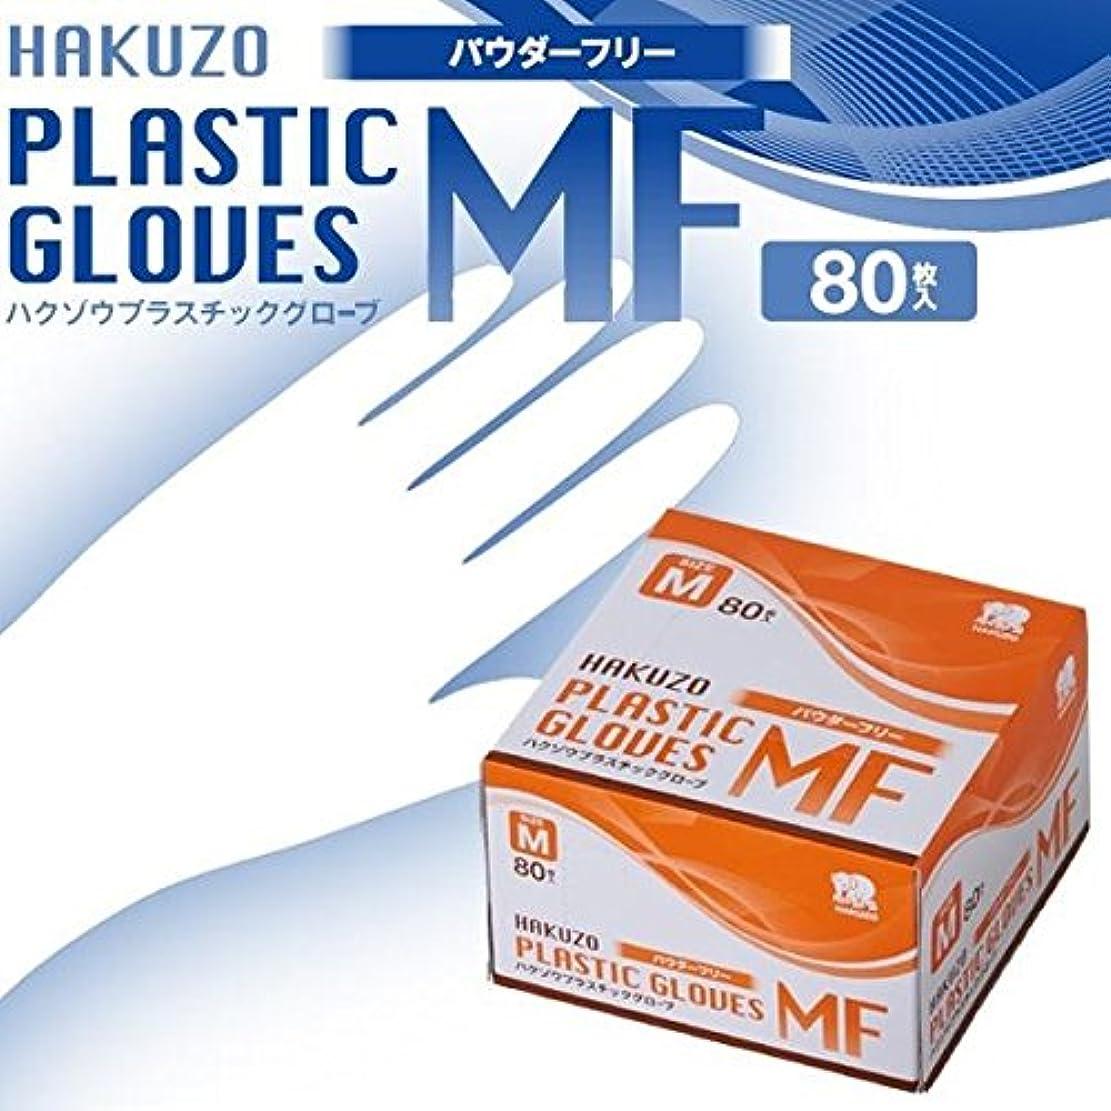 君主利用可能不利益ハクゾウ プラスチックグローブMF パウダーフリー M 80枚入×6箱セット